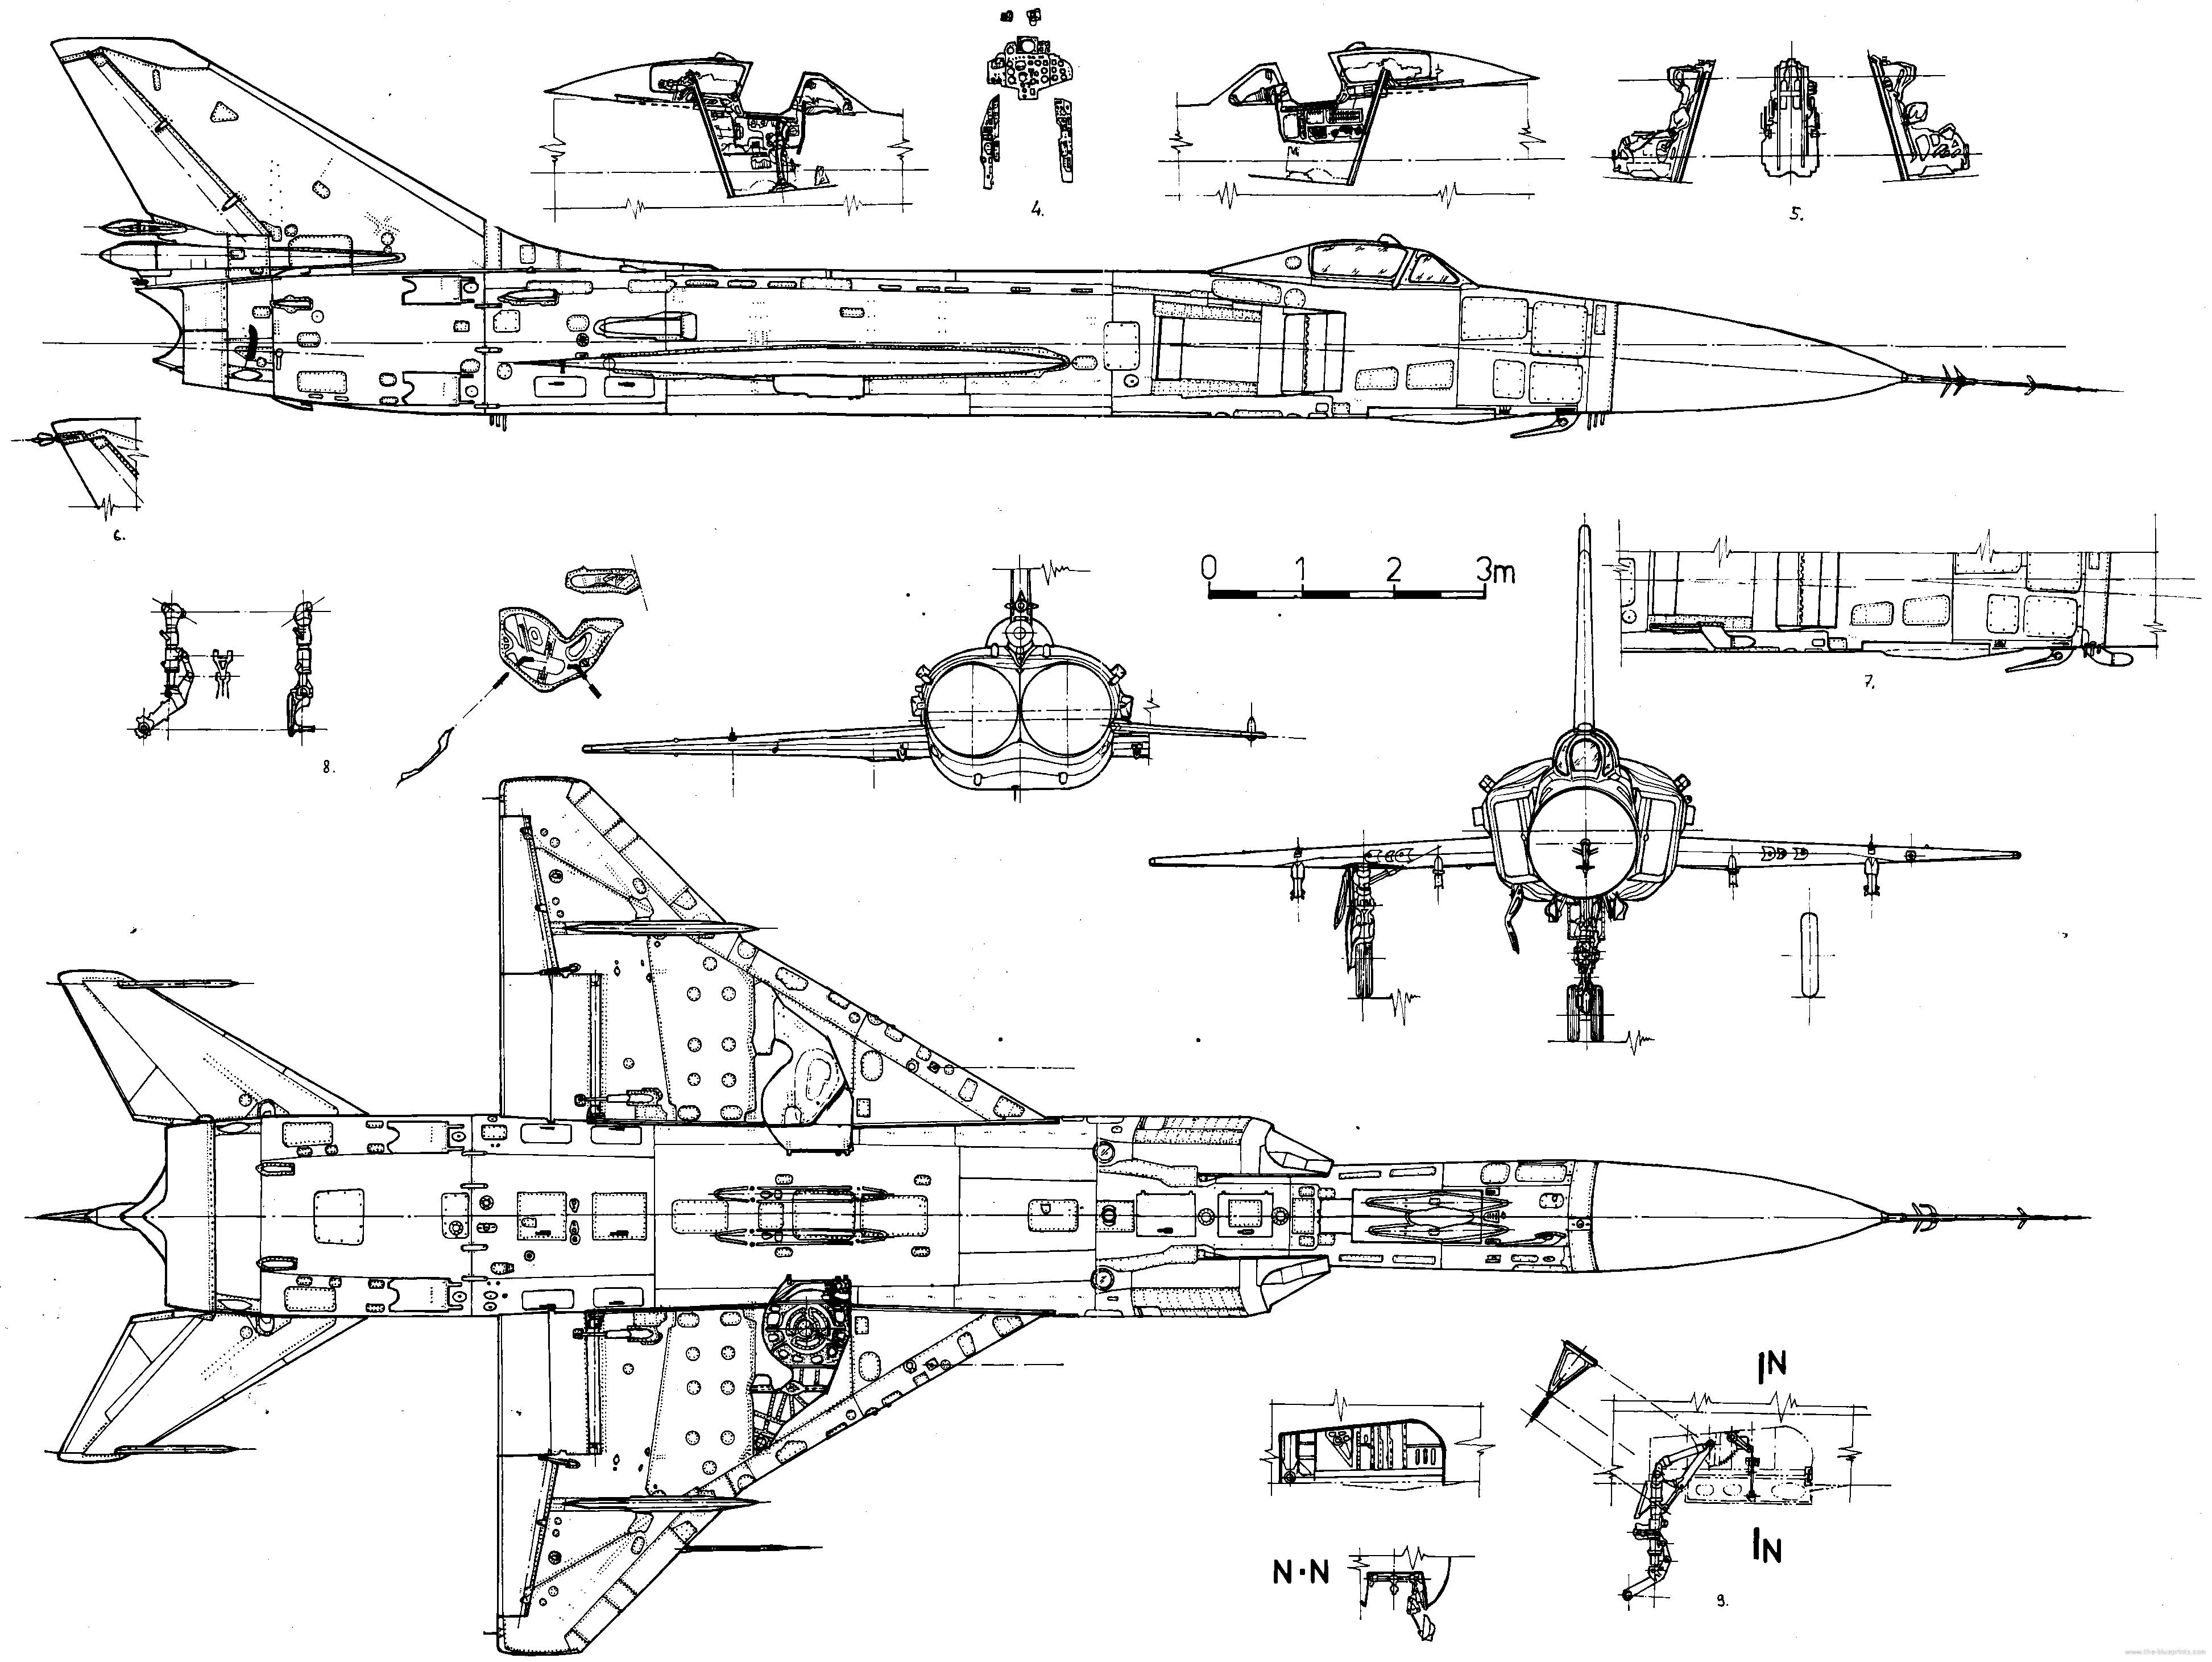 Su-15 blueprint